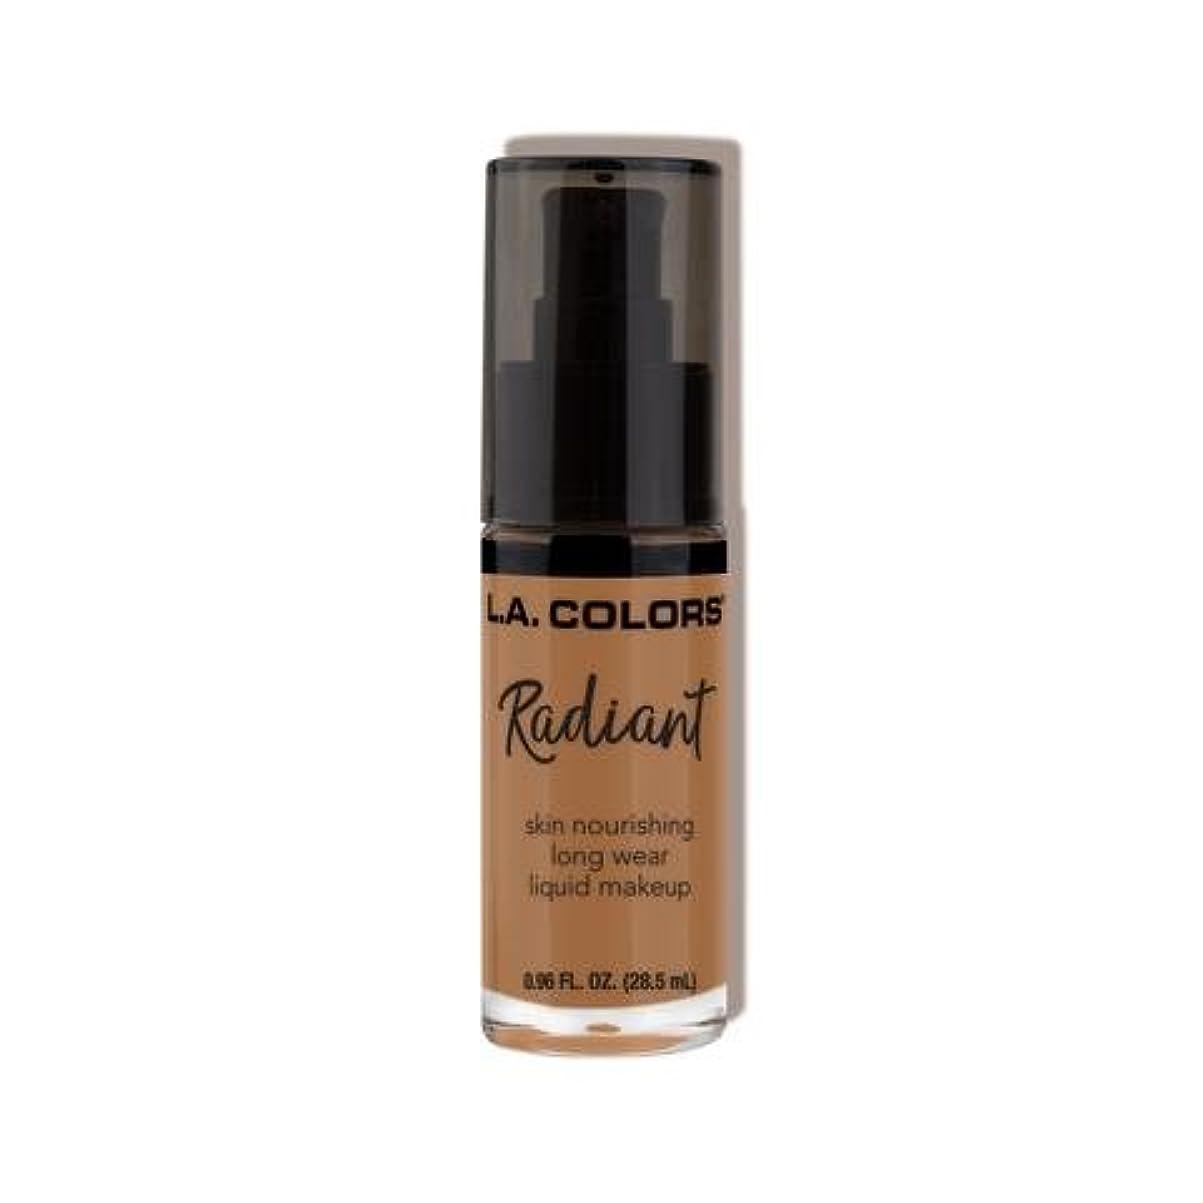 フィラデルフィア要旨分析する(3 Pack) L.A. COLORS Radiant Liquid Makeup - Chestnut (並行輸入品)